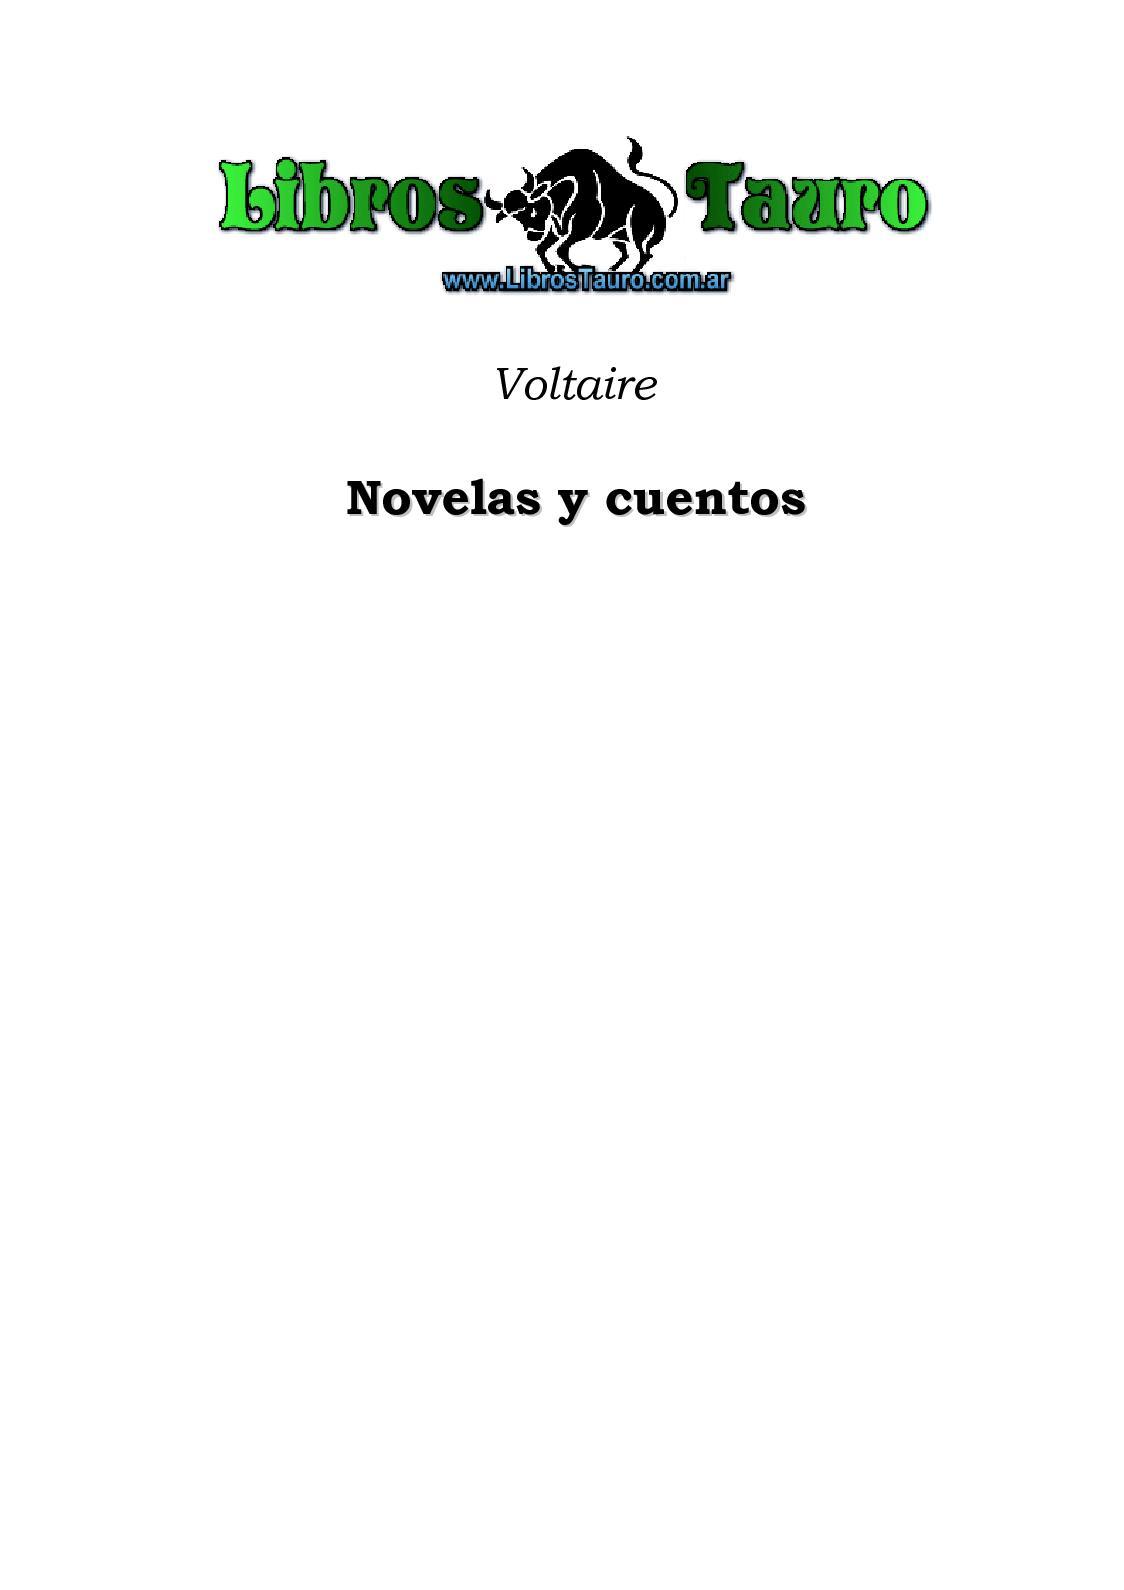 Calaméo - Voltaire - Novelas Y Cuentos